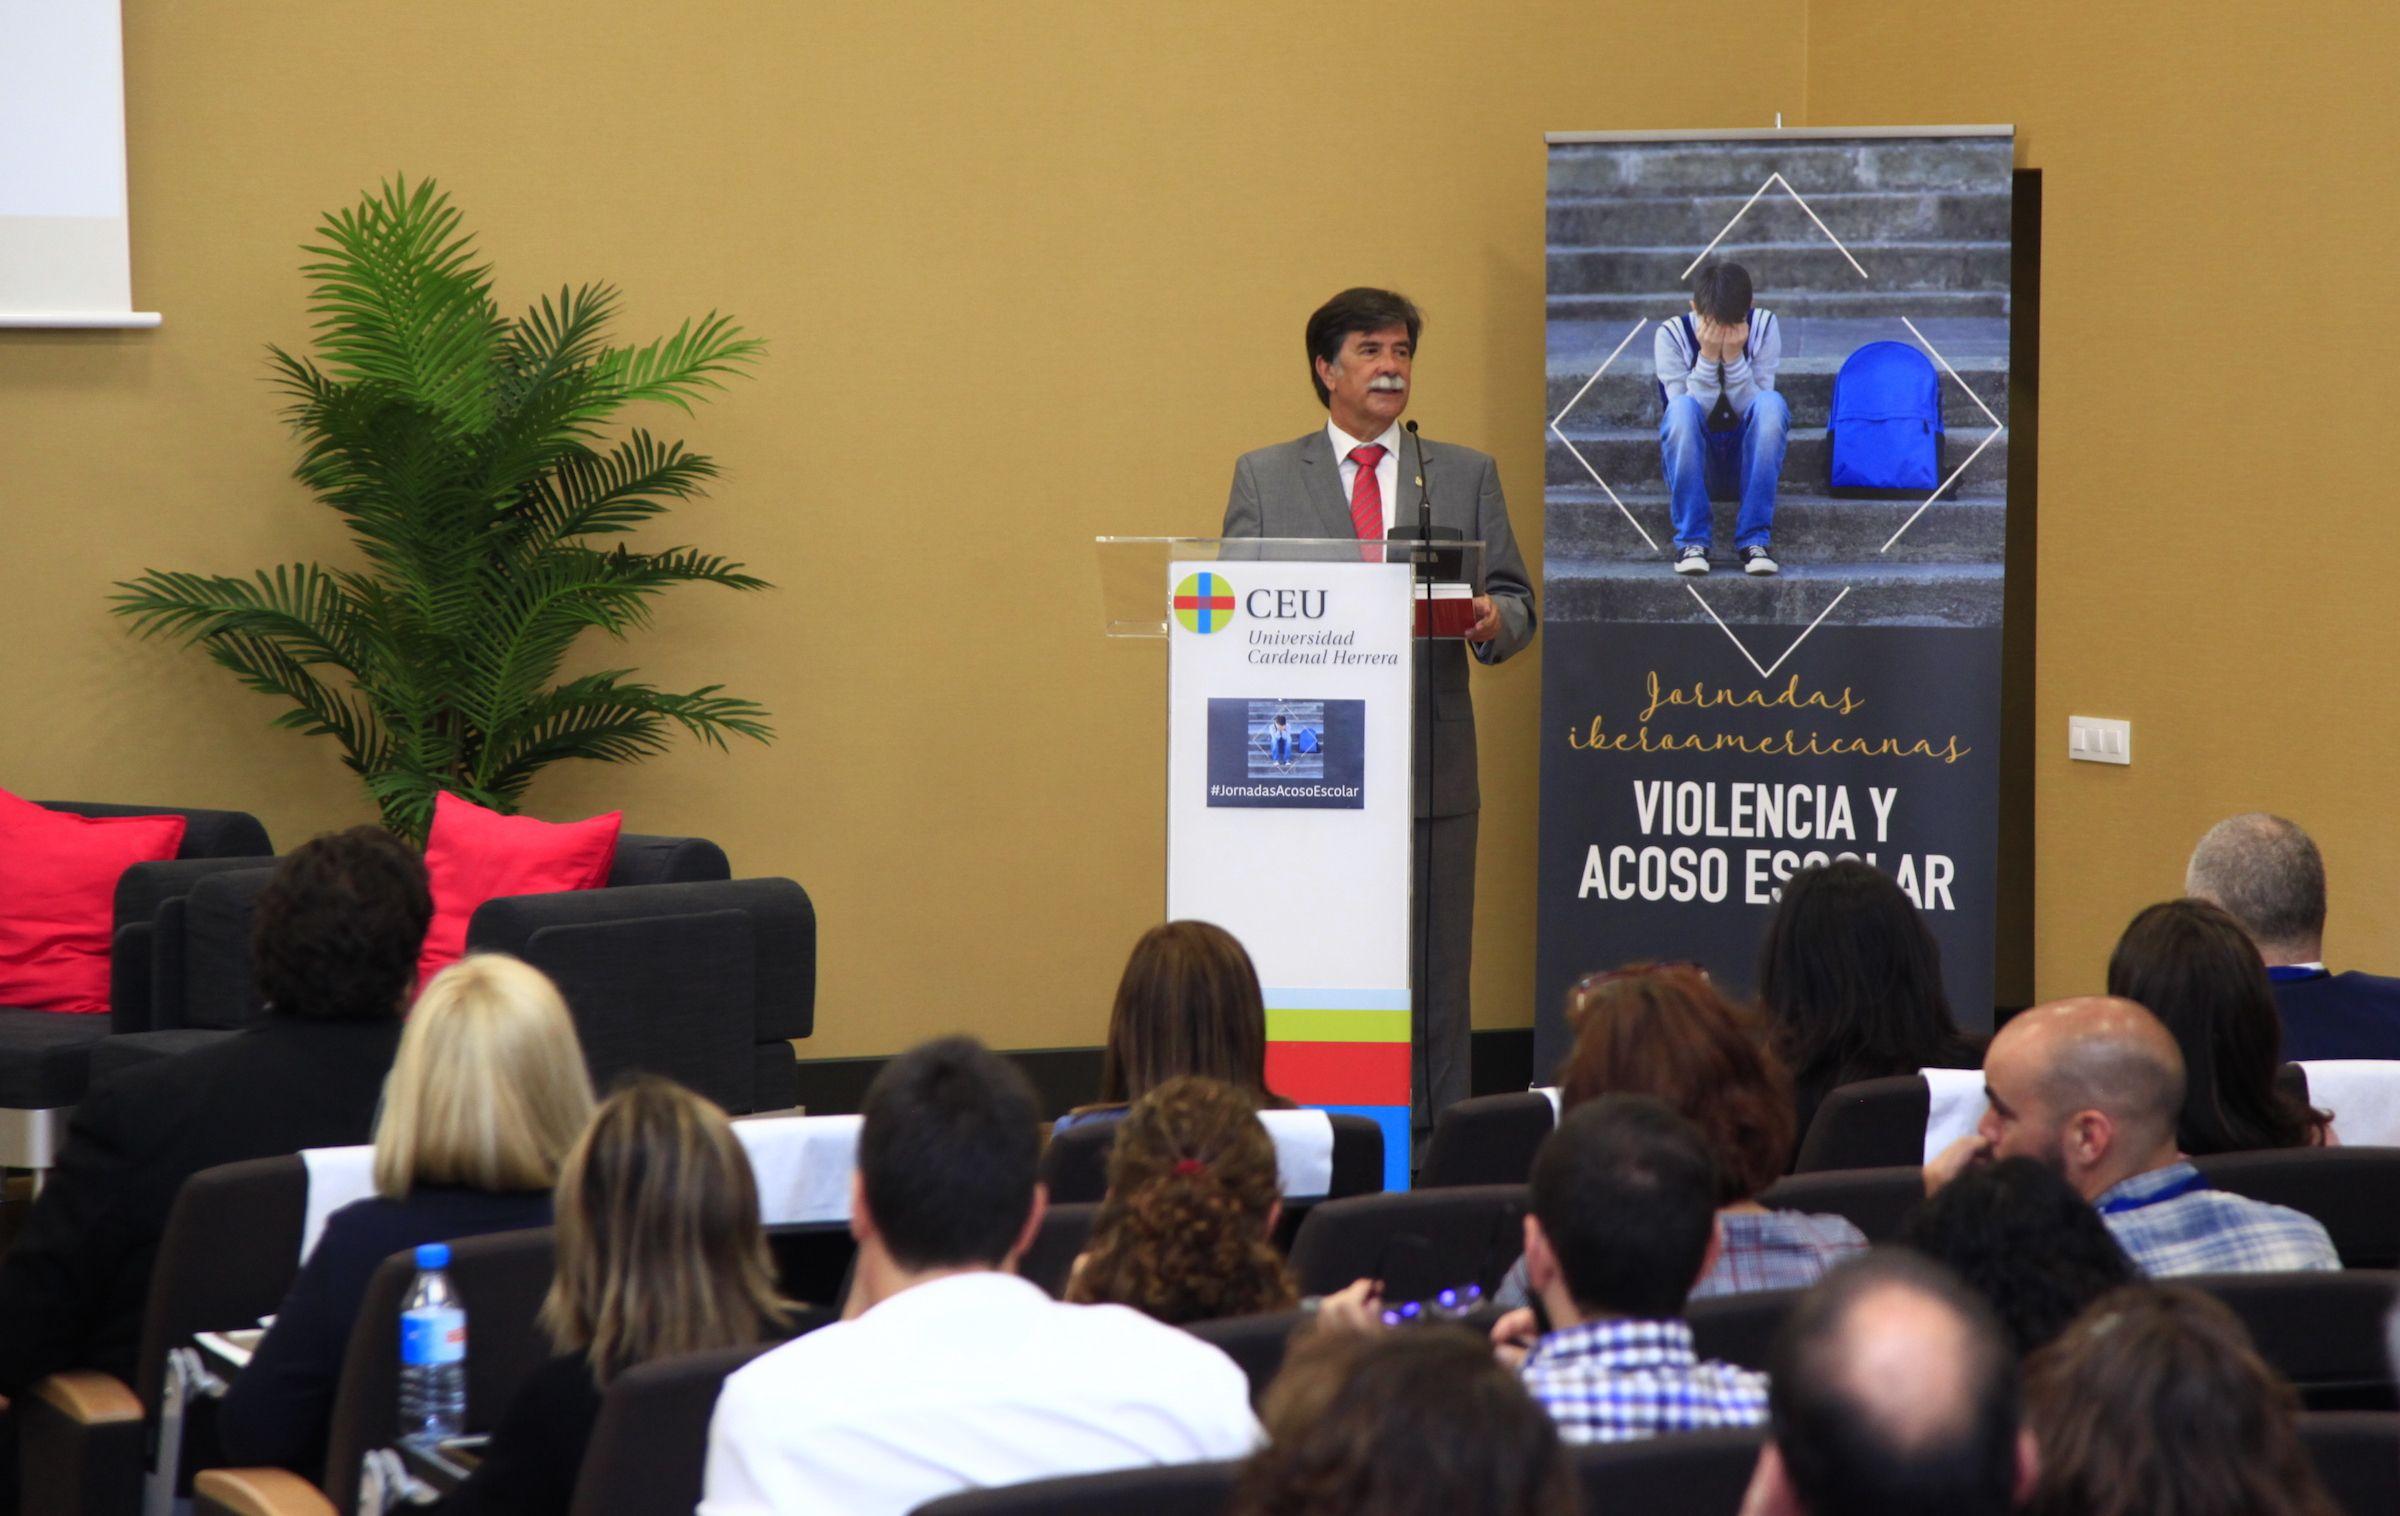 Javier Urra, en las I Jornadas Iberoamericanas sobre Violencia y Acoso Escolar de la CEU UCH.